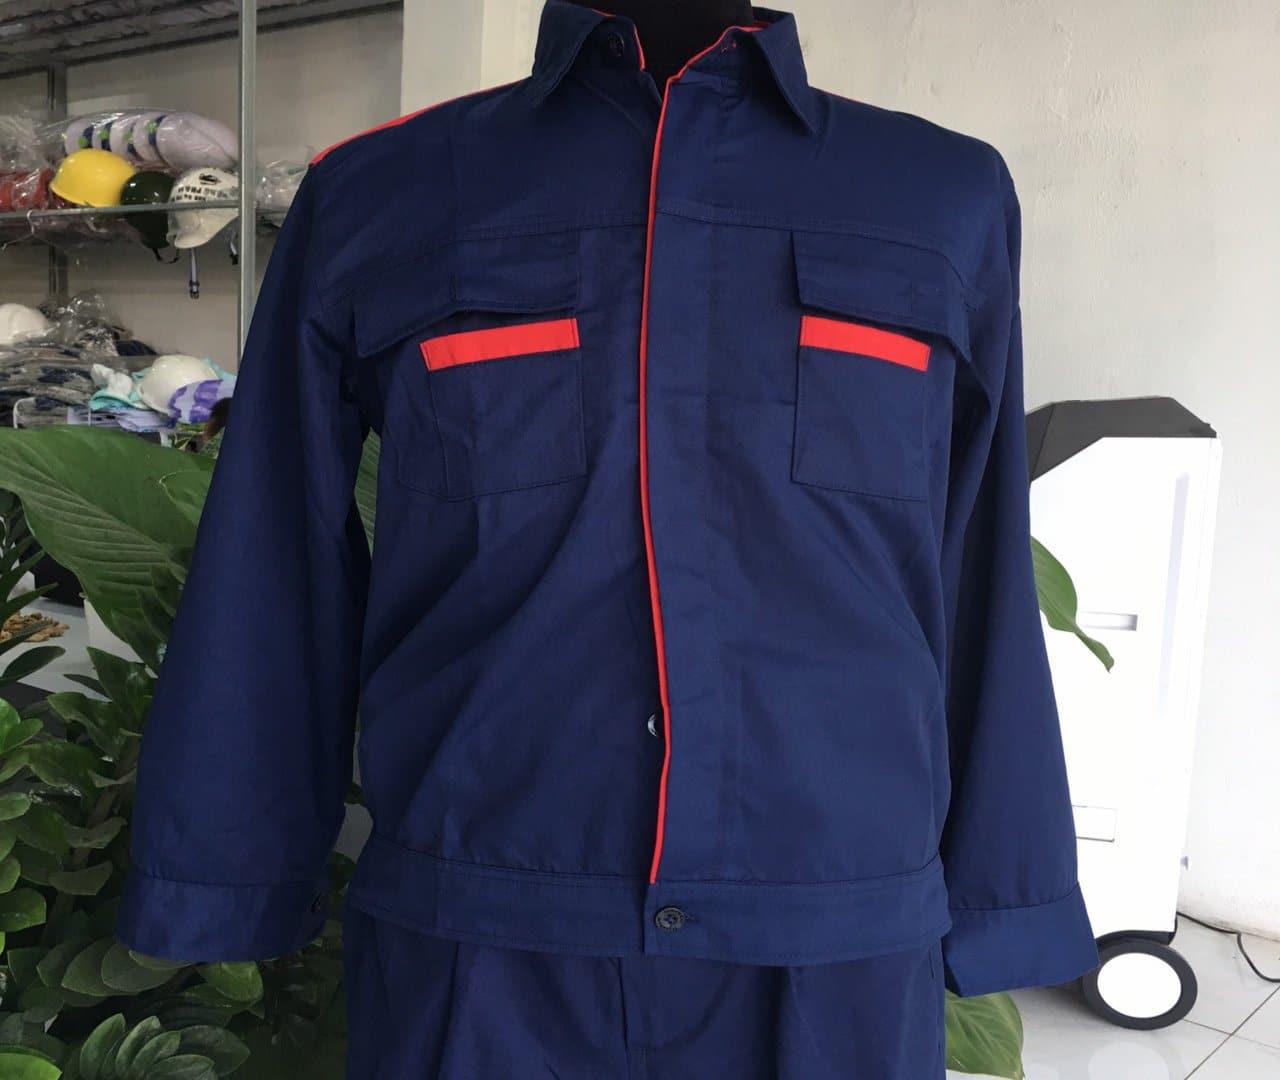 Quần áo bảo hộ lao động vải kaki - CÔNG TY TNHH TM KT ĐÀ AN